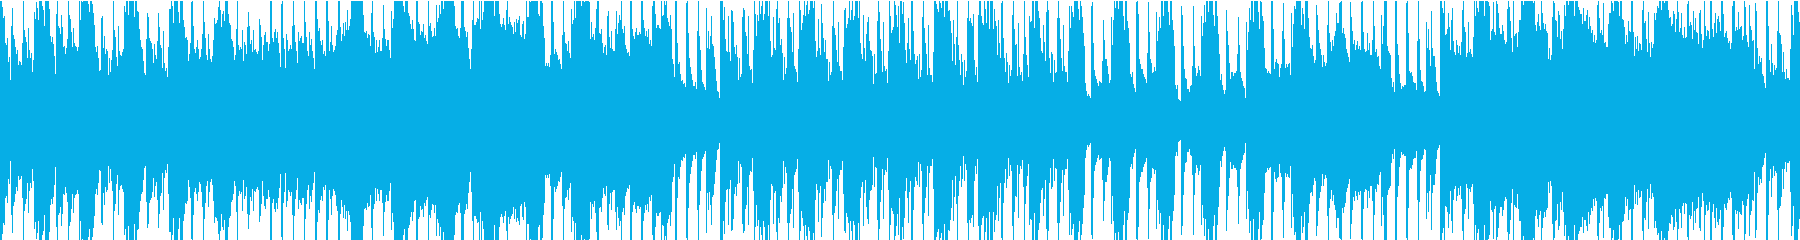 優雅なトラック/Loop120の再生済みの波形